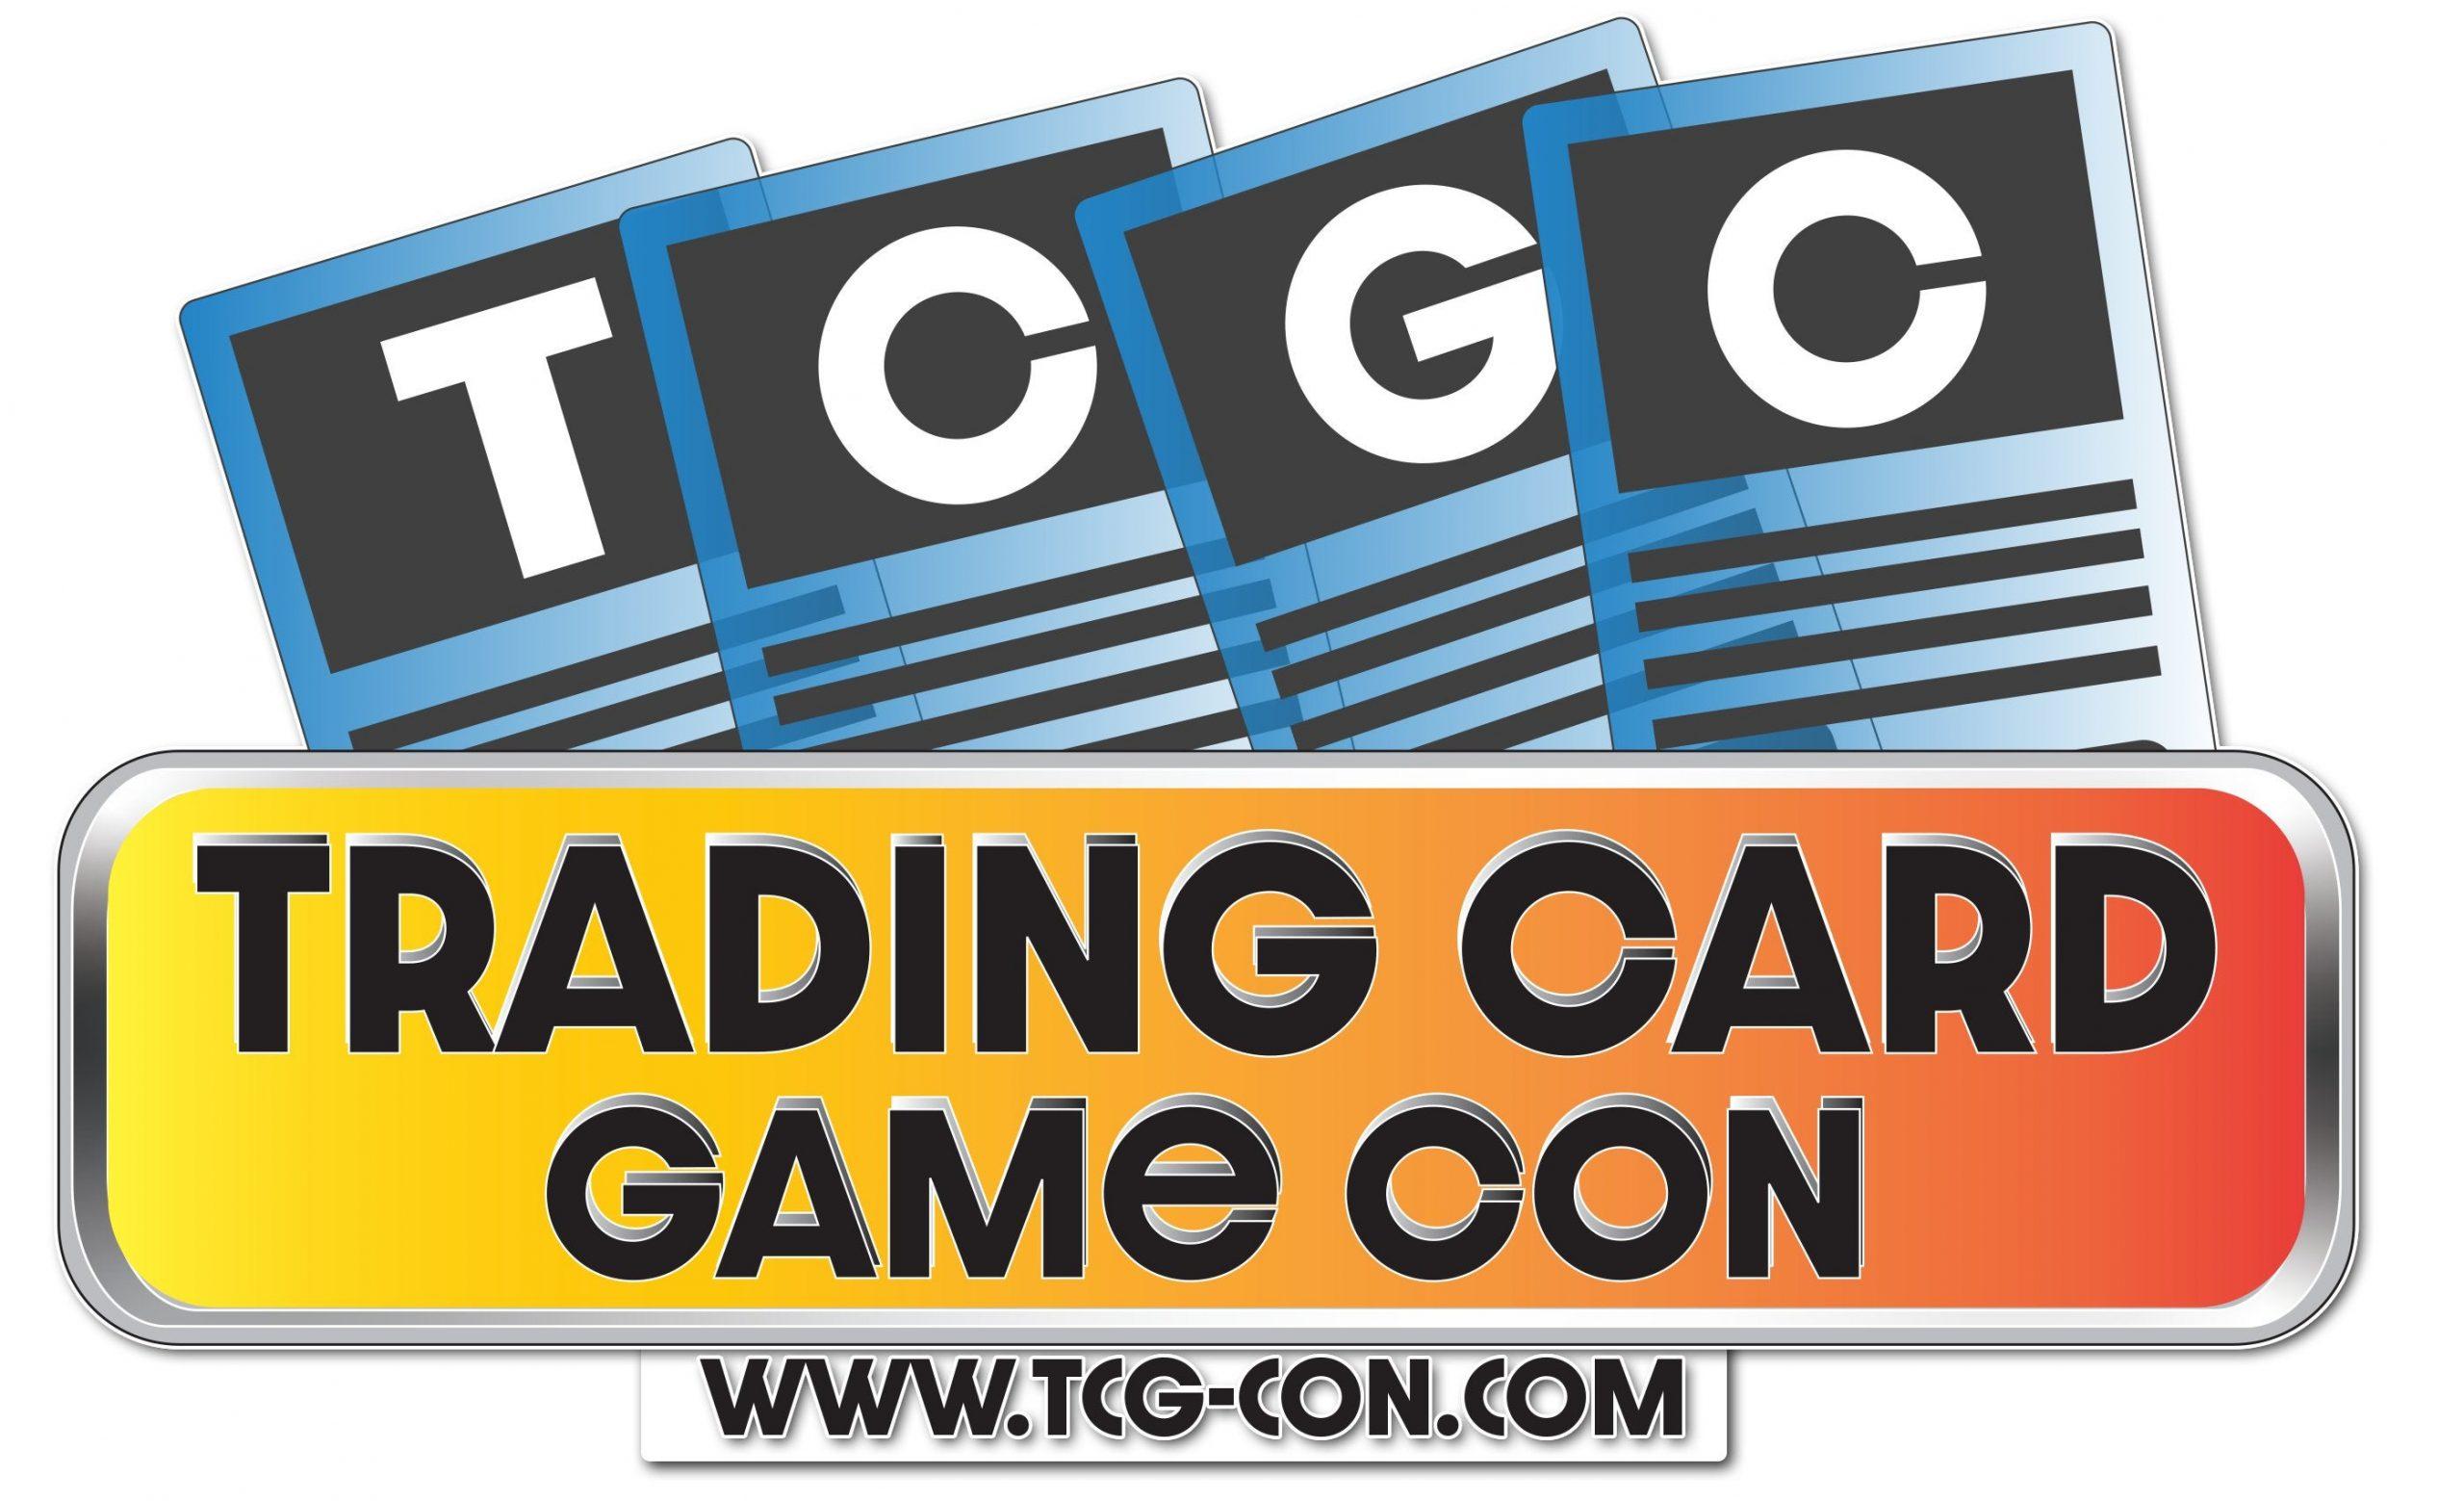 TCG Con